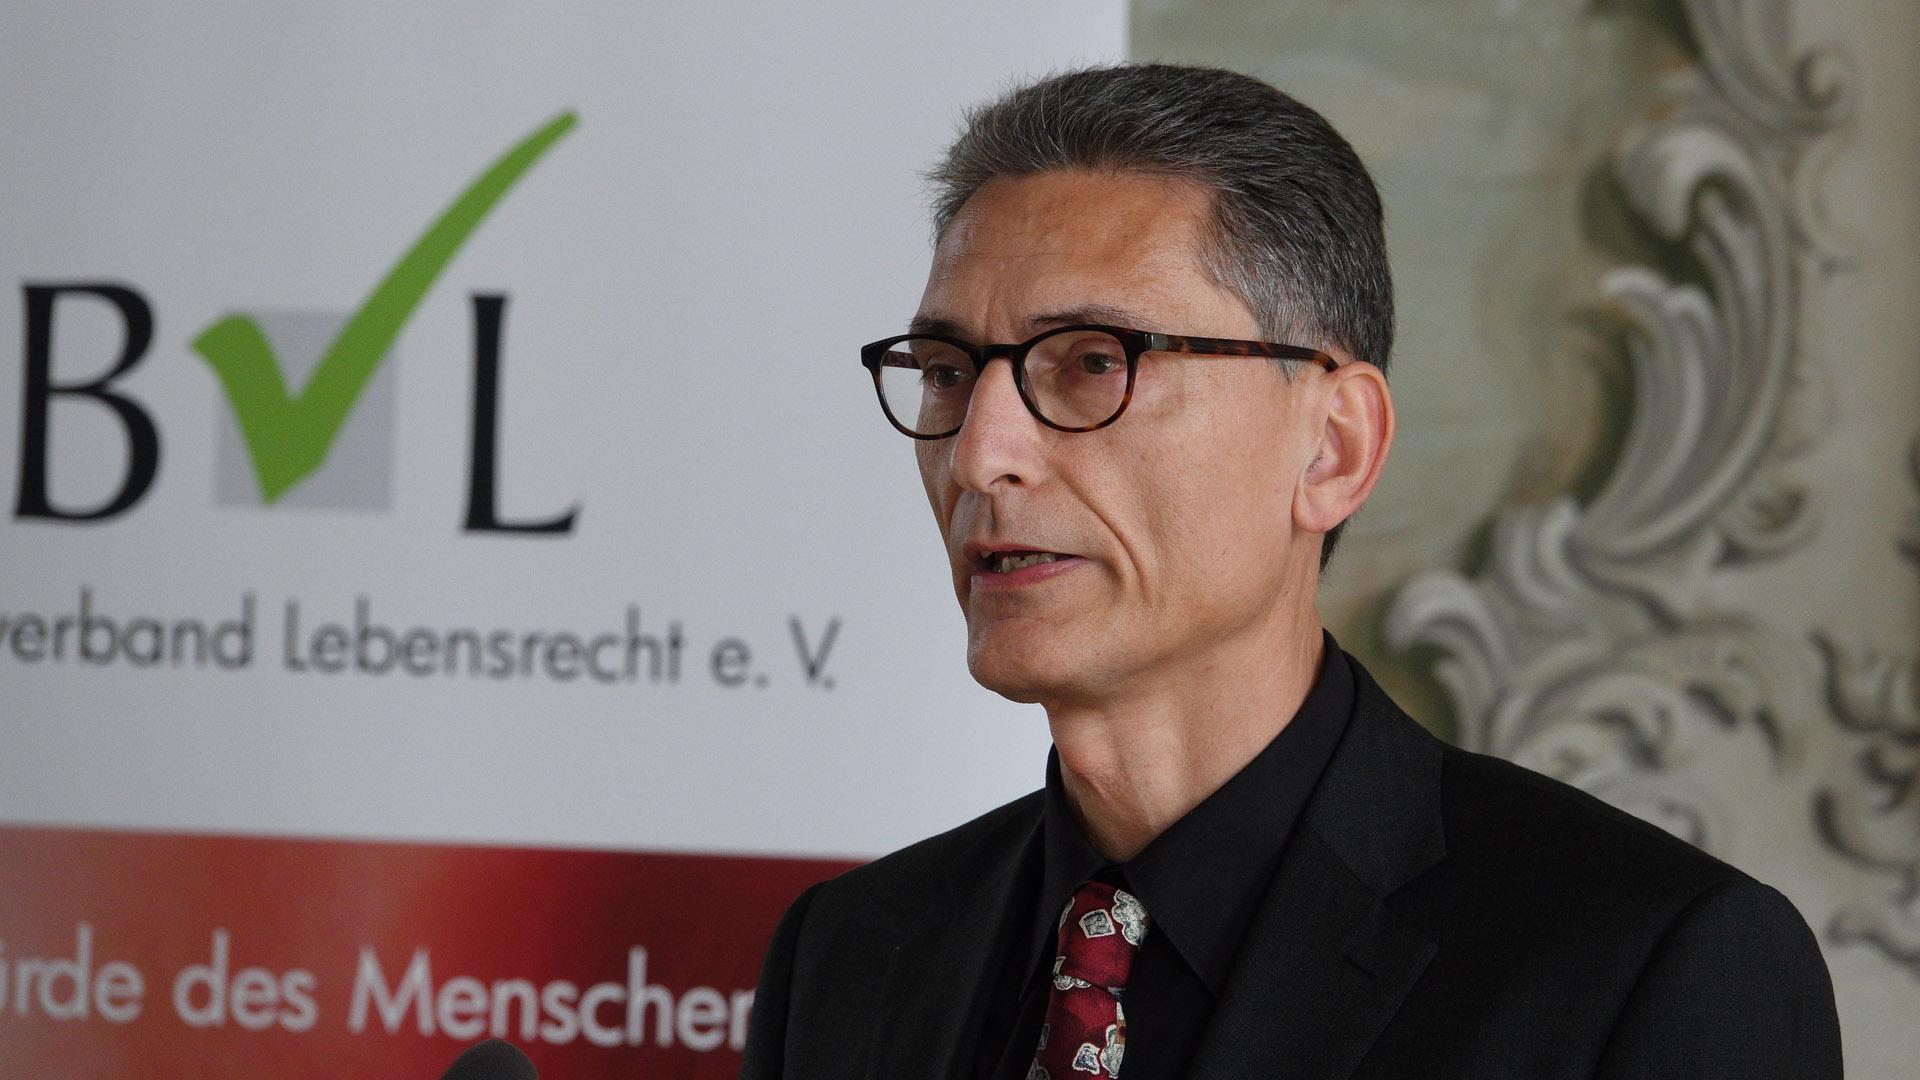 Der Jurist Rainer Beckmann sorgt sich um den Embryonenschutz